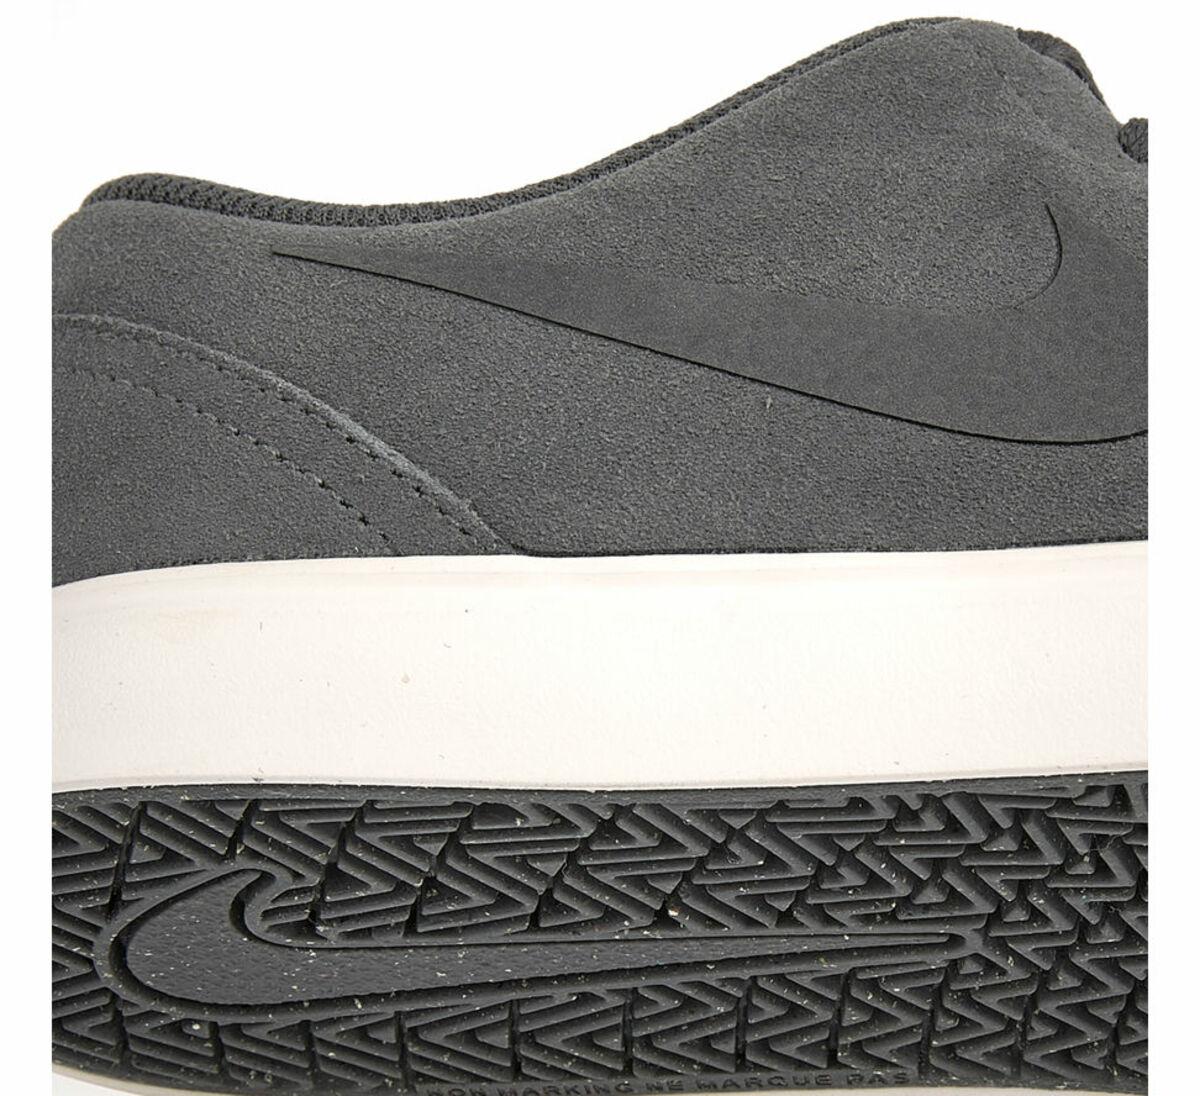 Bild 4 von NIKE Sneaker - GS NIKE SB CHECK SUEDE